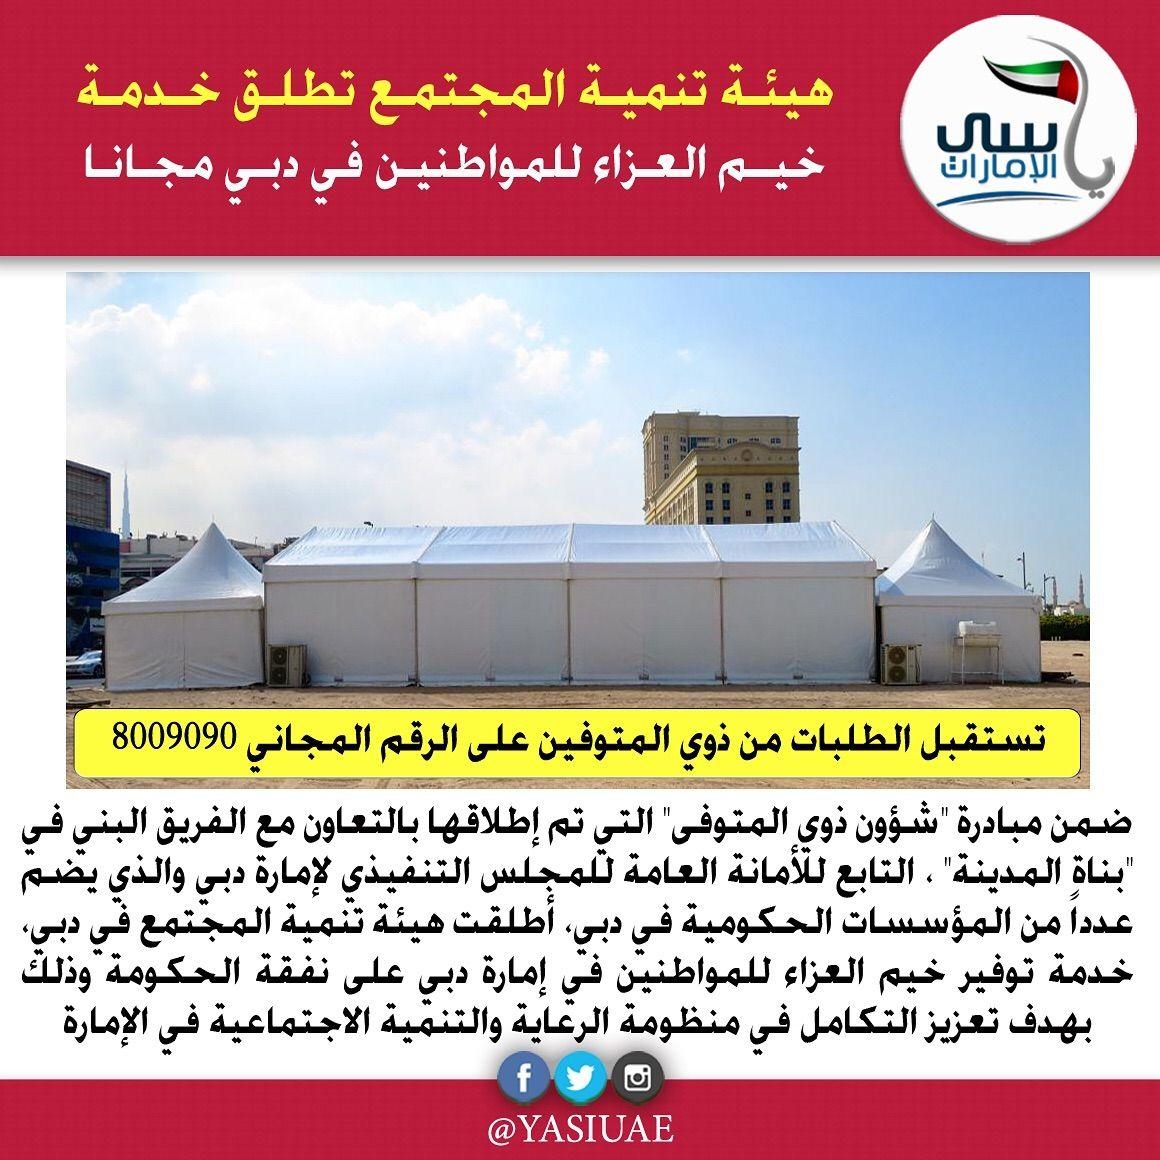 دبي هيئة تنمية المجتمع تطلق خدمة خيم العزاء للمواطنين في دبي مجانا يذكر أن فريق تحسين خدمة تسهيل شؤون ذوي المتوفين ضمن بناة المدينة يشمل 10 جهات هي هيئة